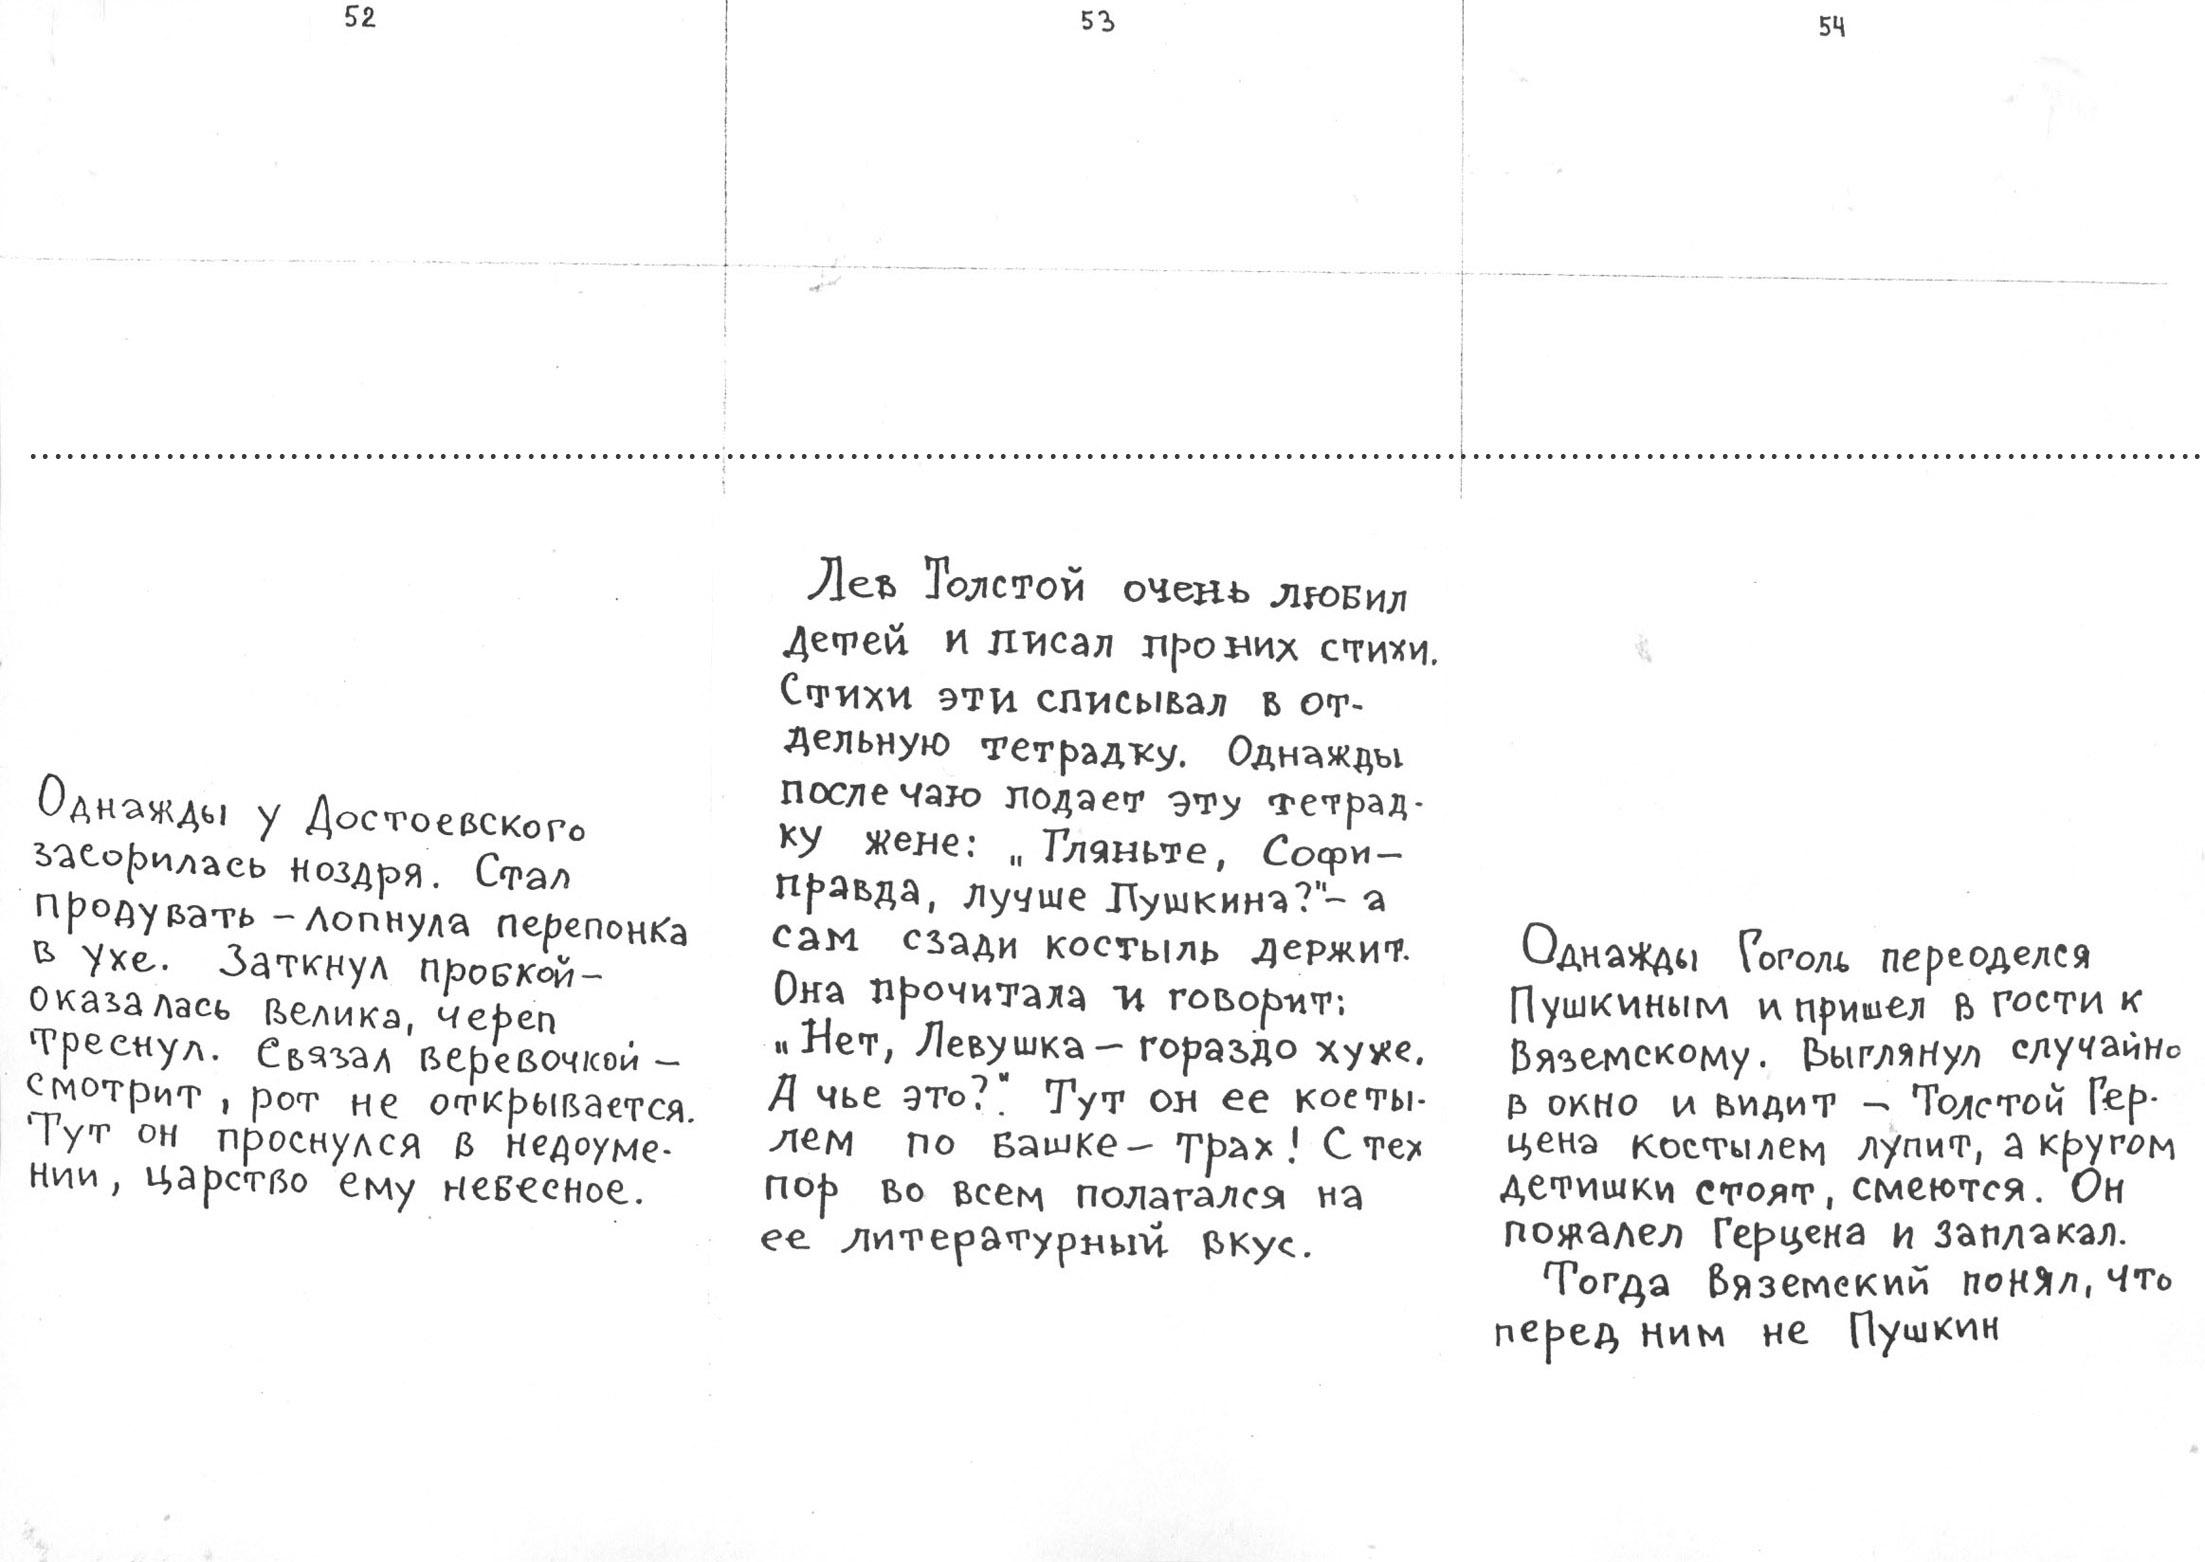 52-54.jpg